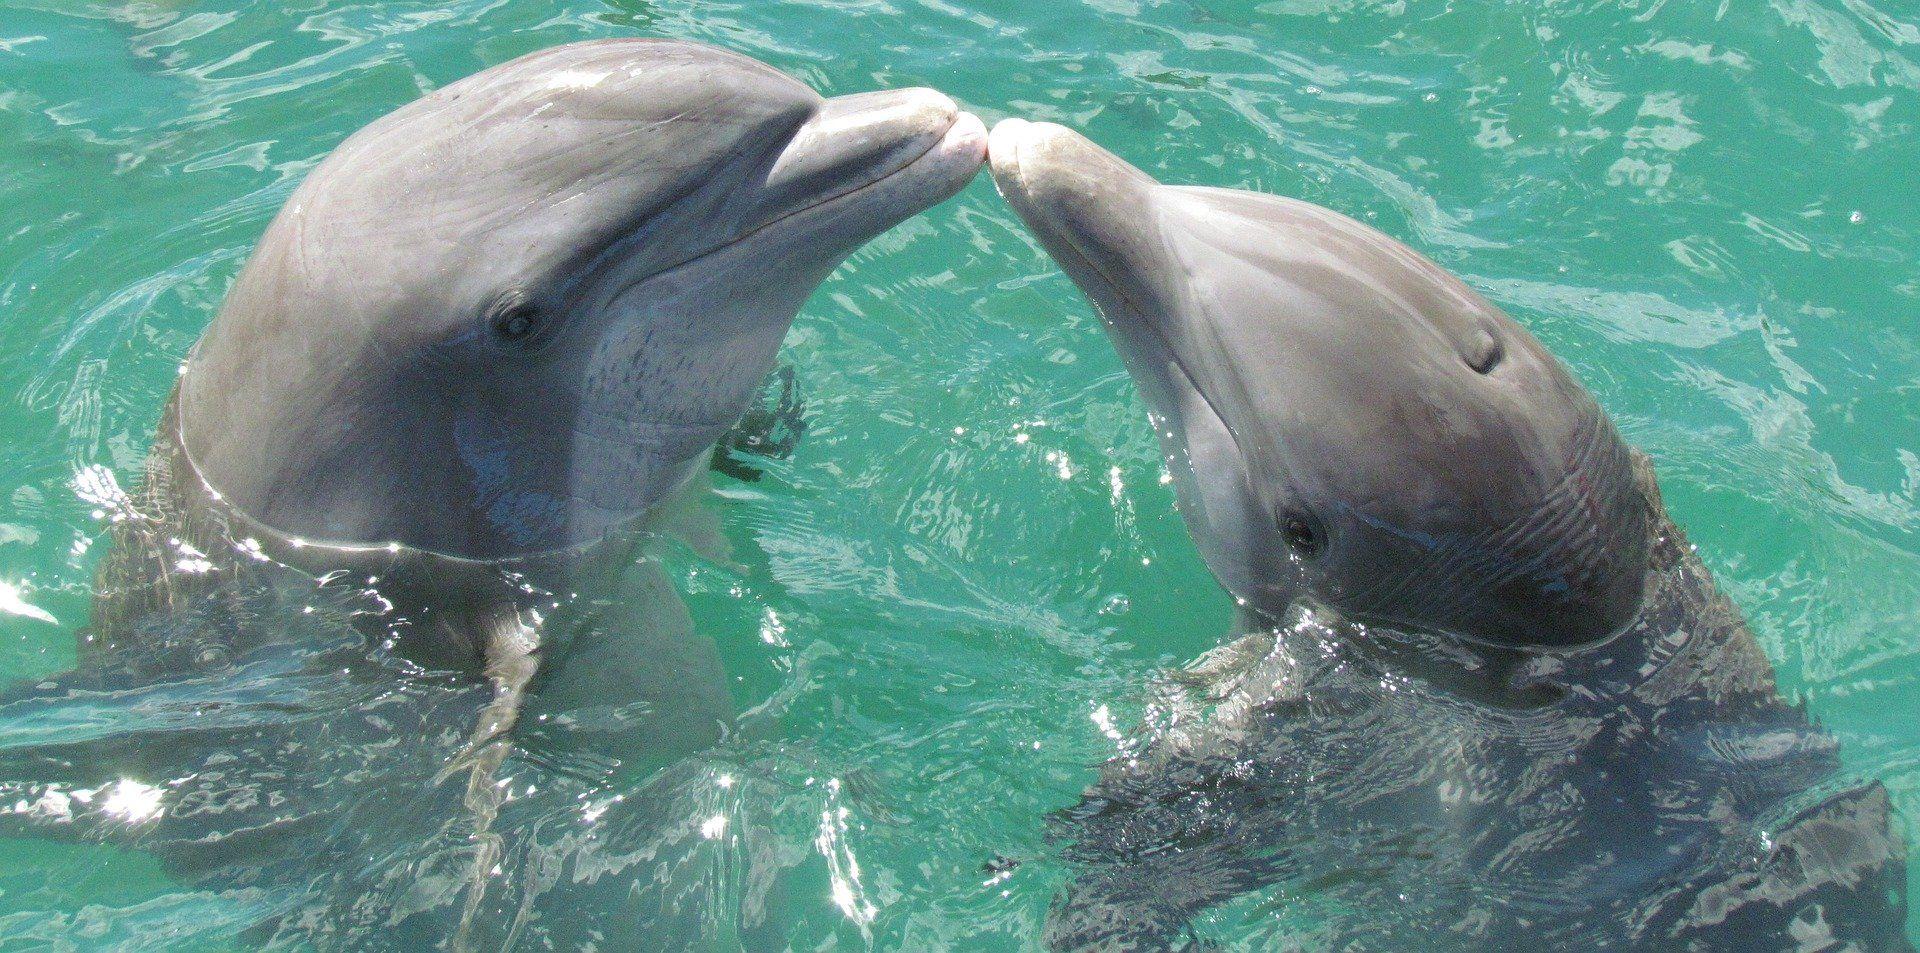 Скачать фото красивого дельфина